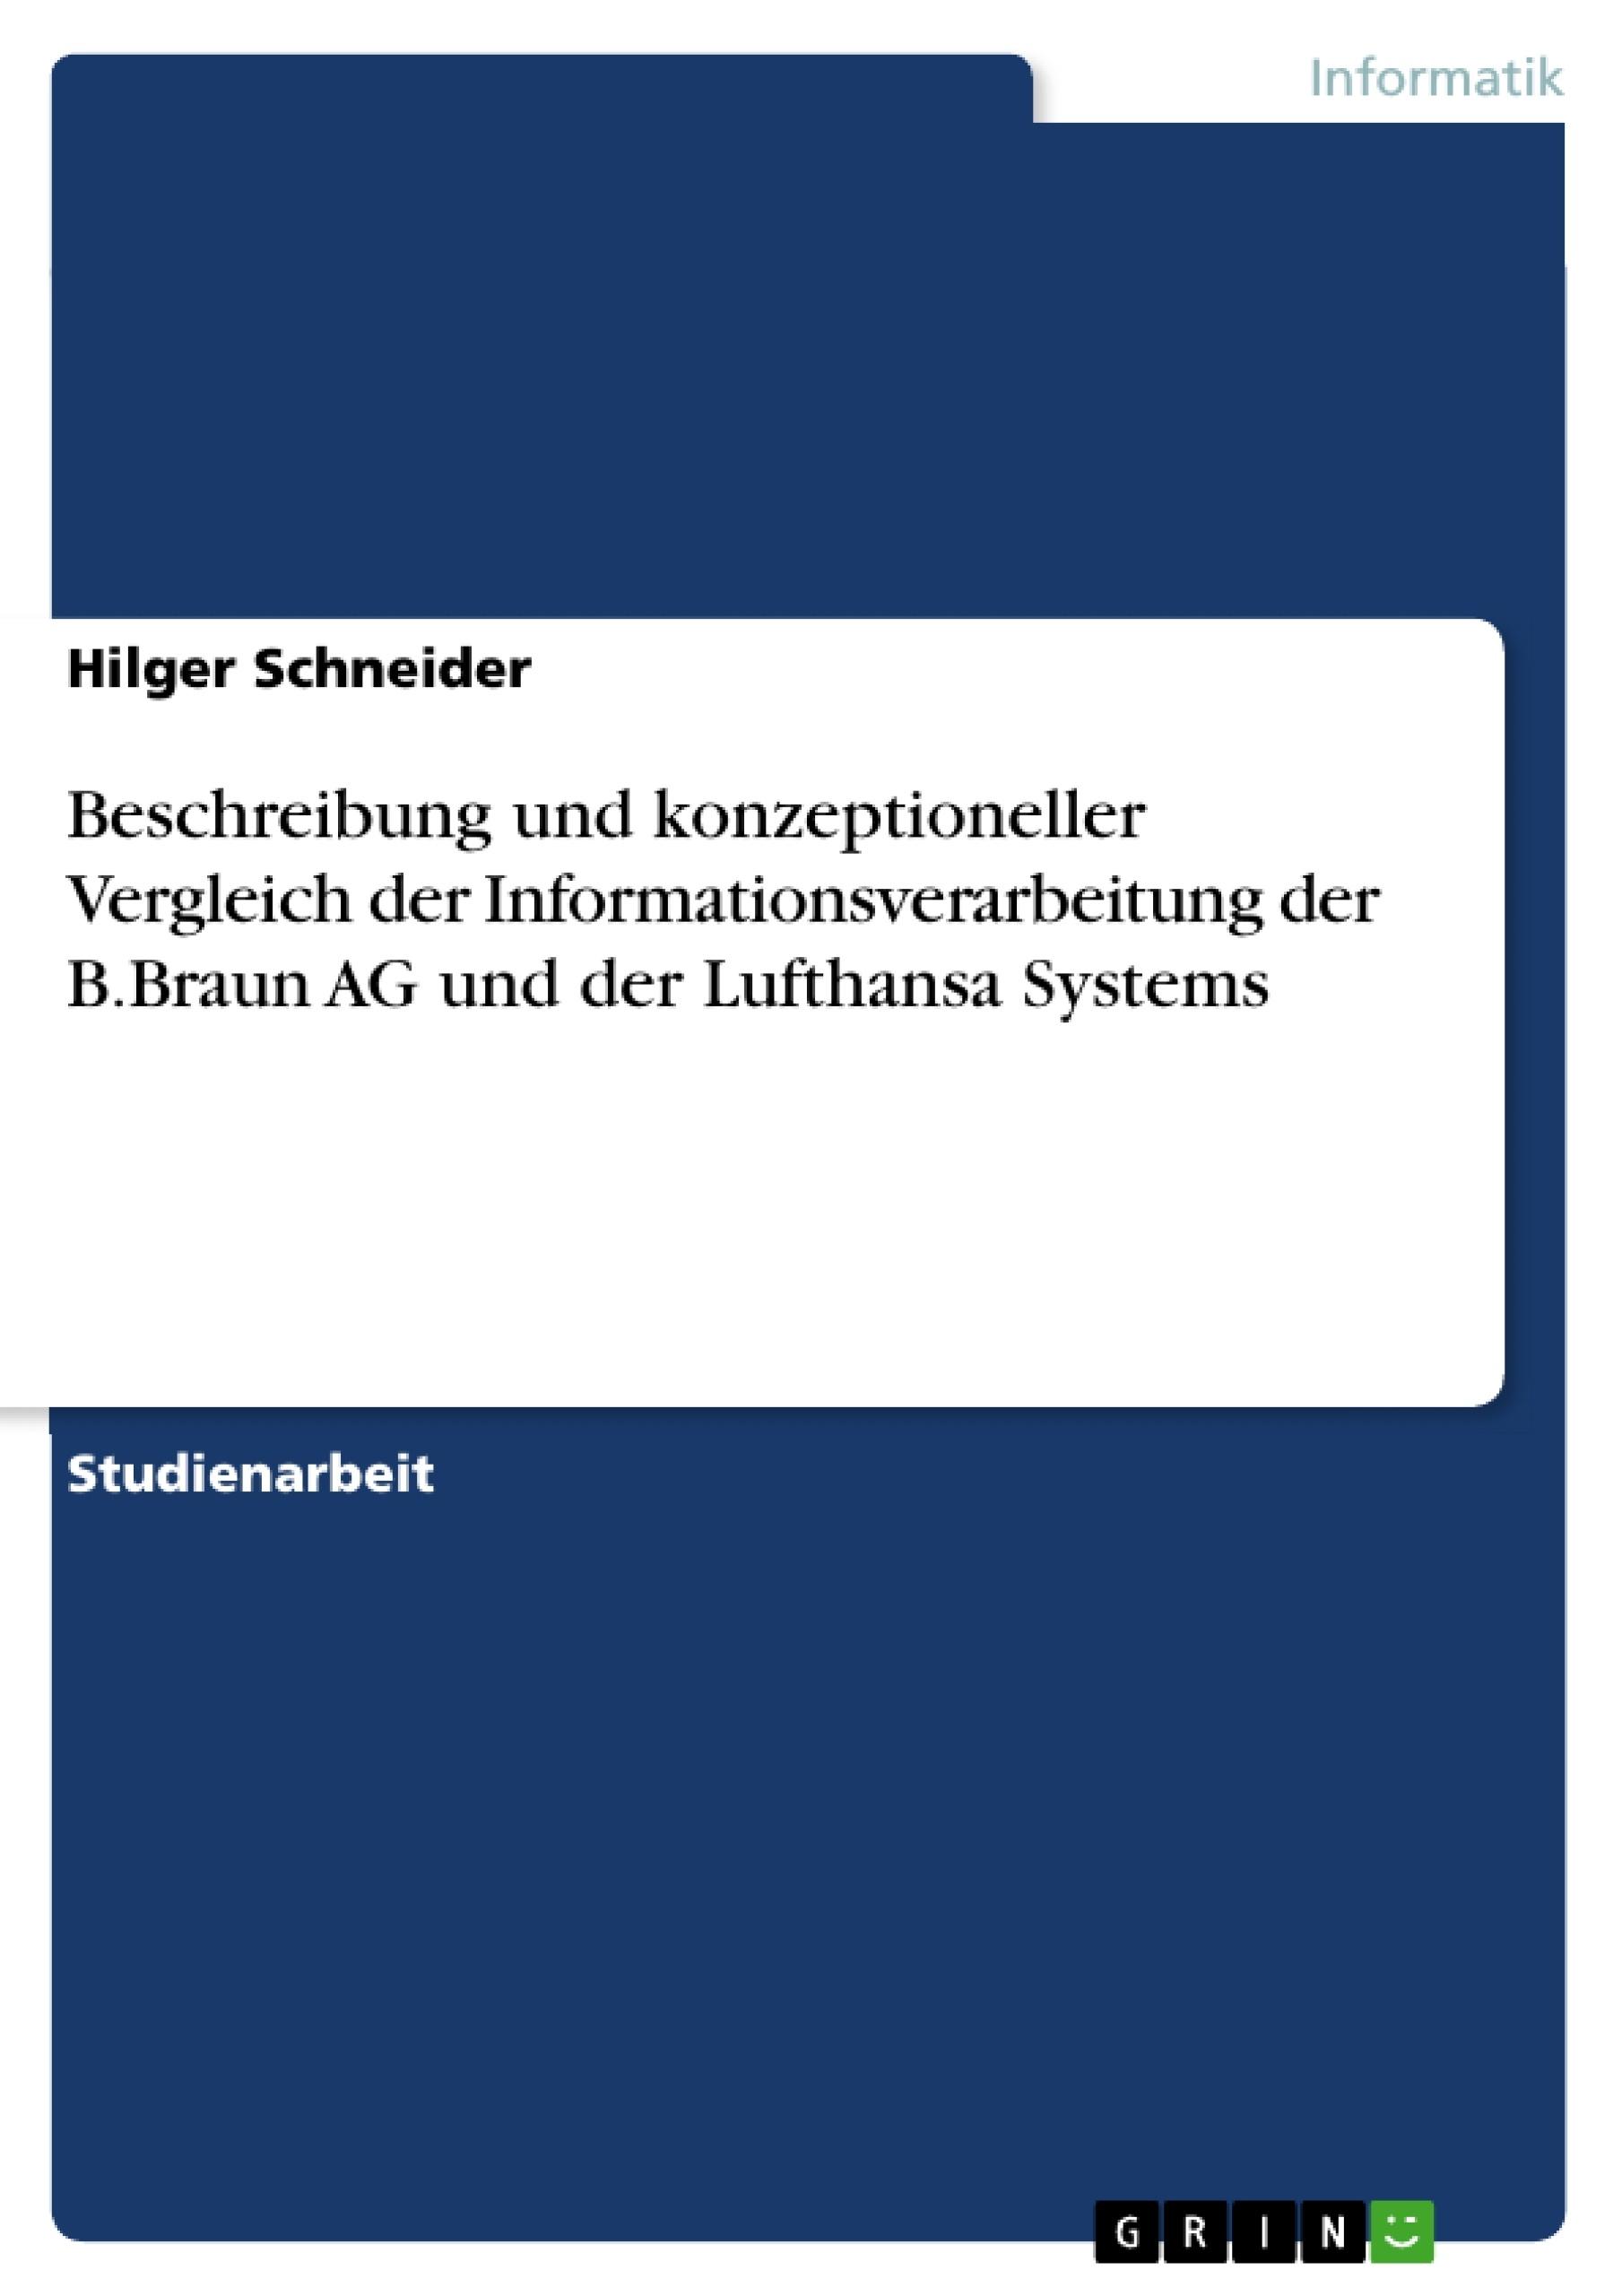 Titel: Beschreibung und konzeptioneller Vergleich der Informationsverarbeitung der B.Braun AG und der Lufthansa Systems